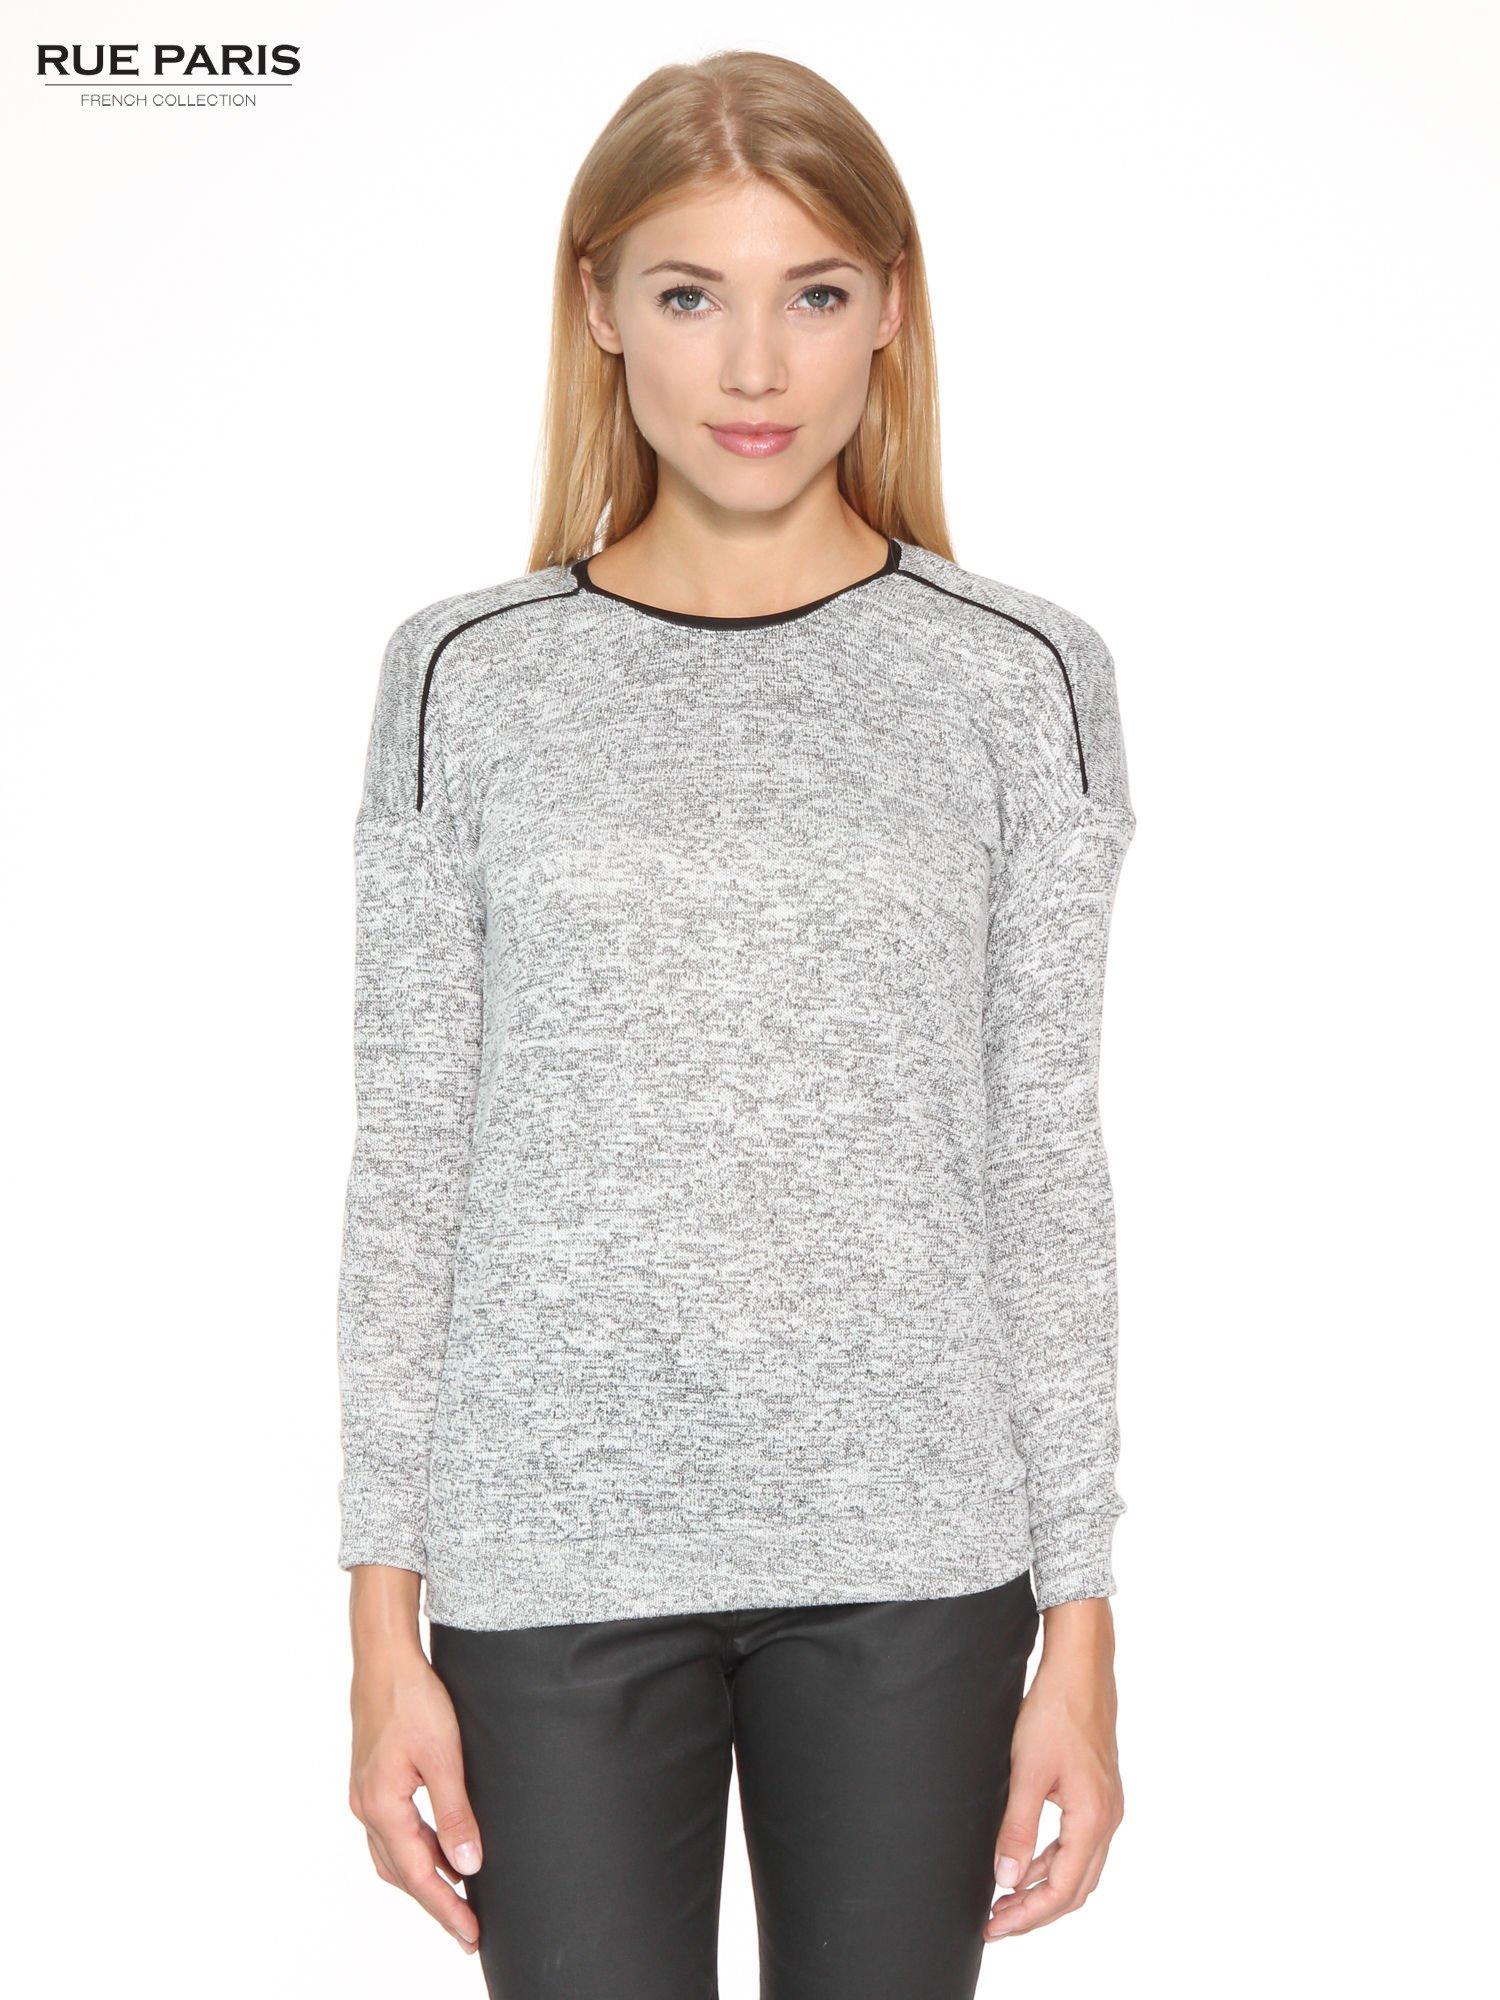 Szary melanżowy sweter z kontrastowymi wstawkami przy dekolcie                                  zdj.                                  1